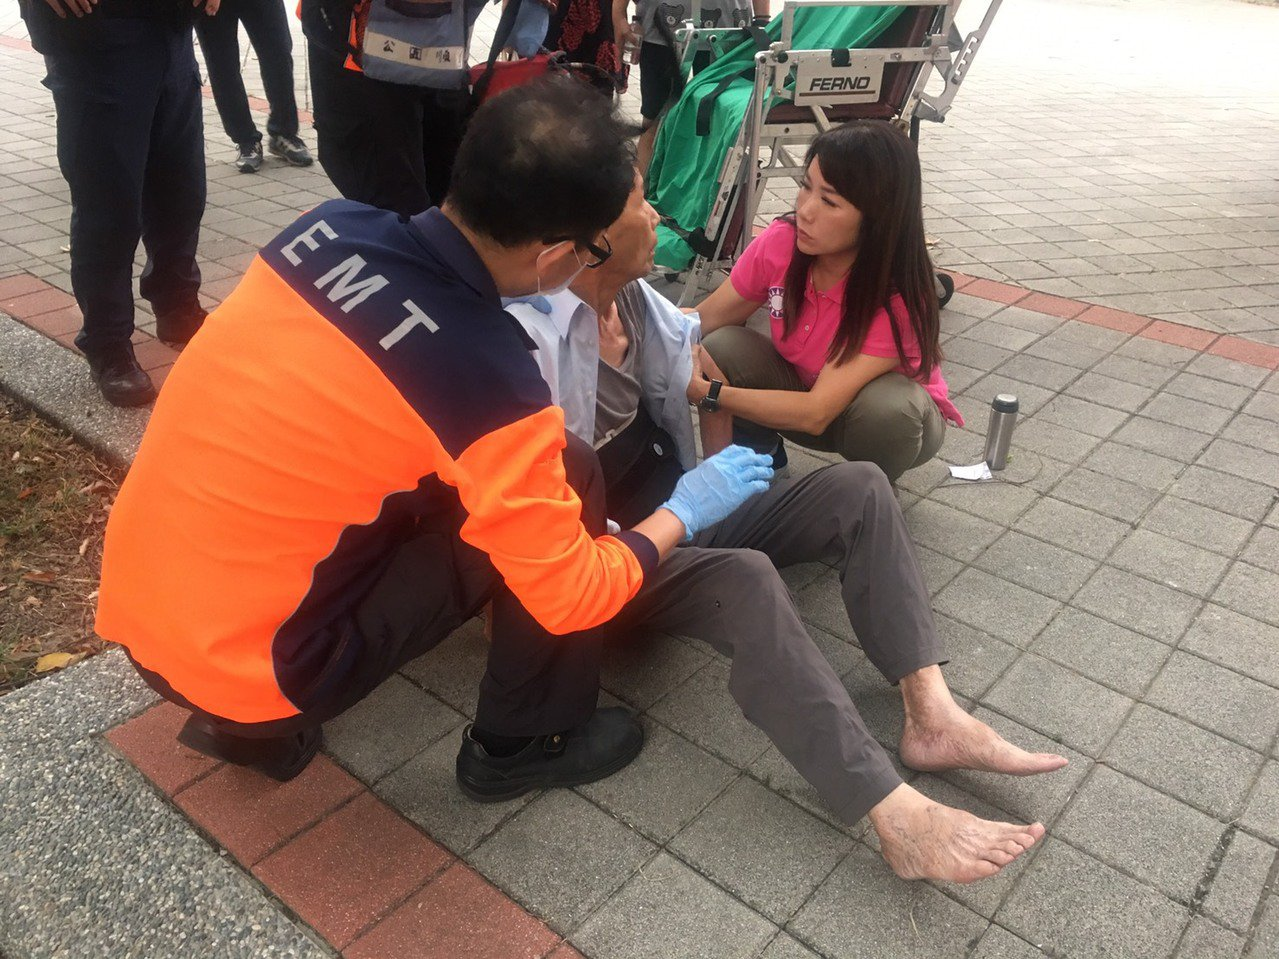 「救人第一」童小芸因此中斷拜票行程,全力協助將老翁緊急送醫治療。記者邵心杰/翻攝